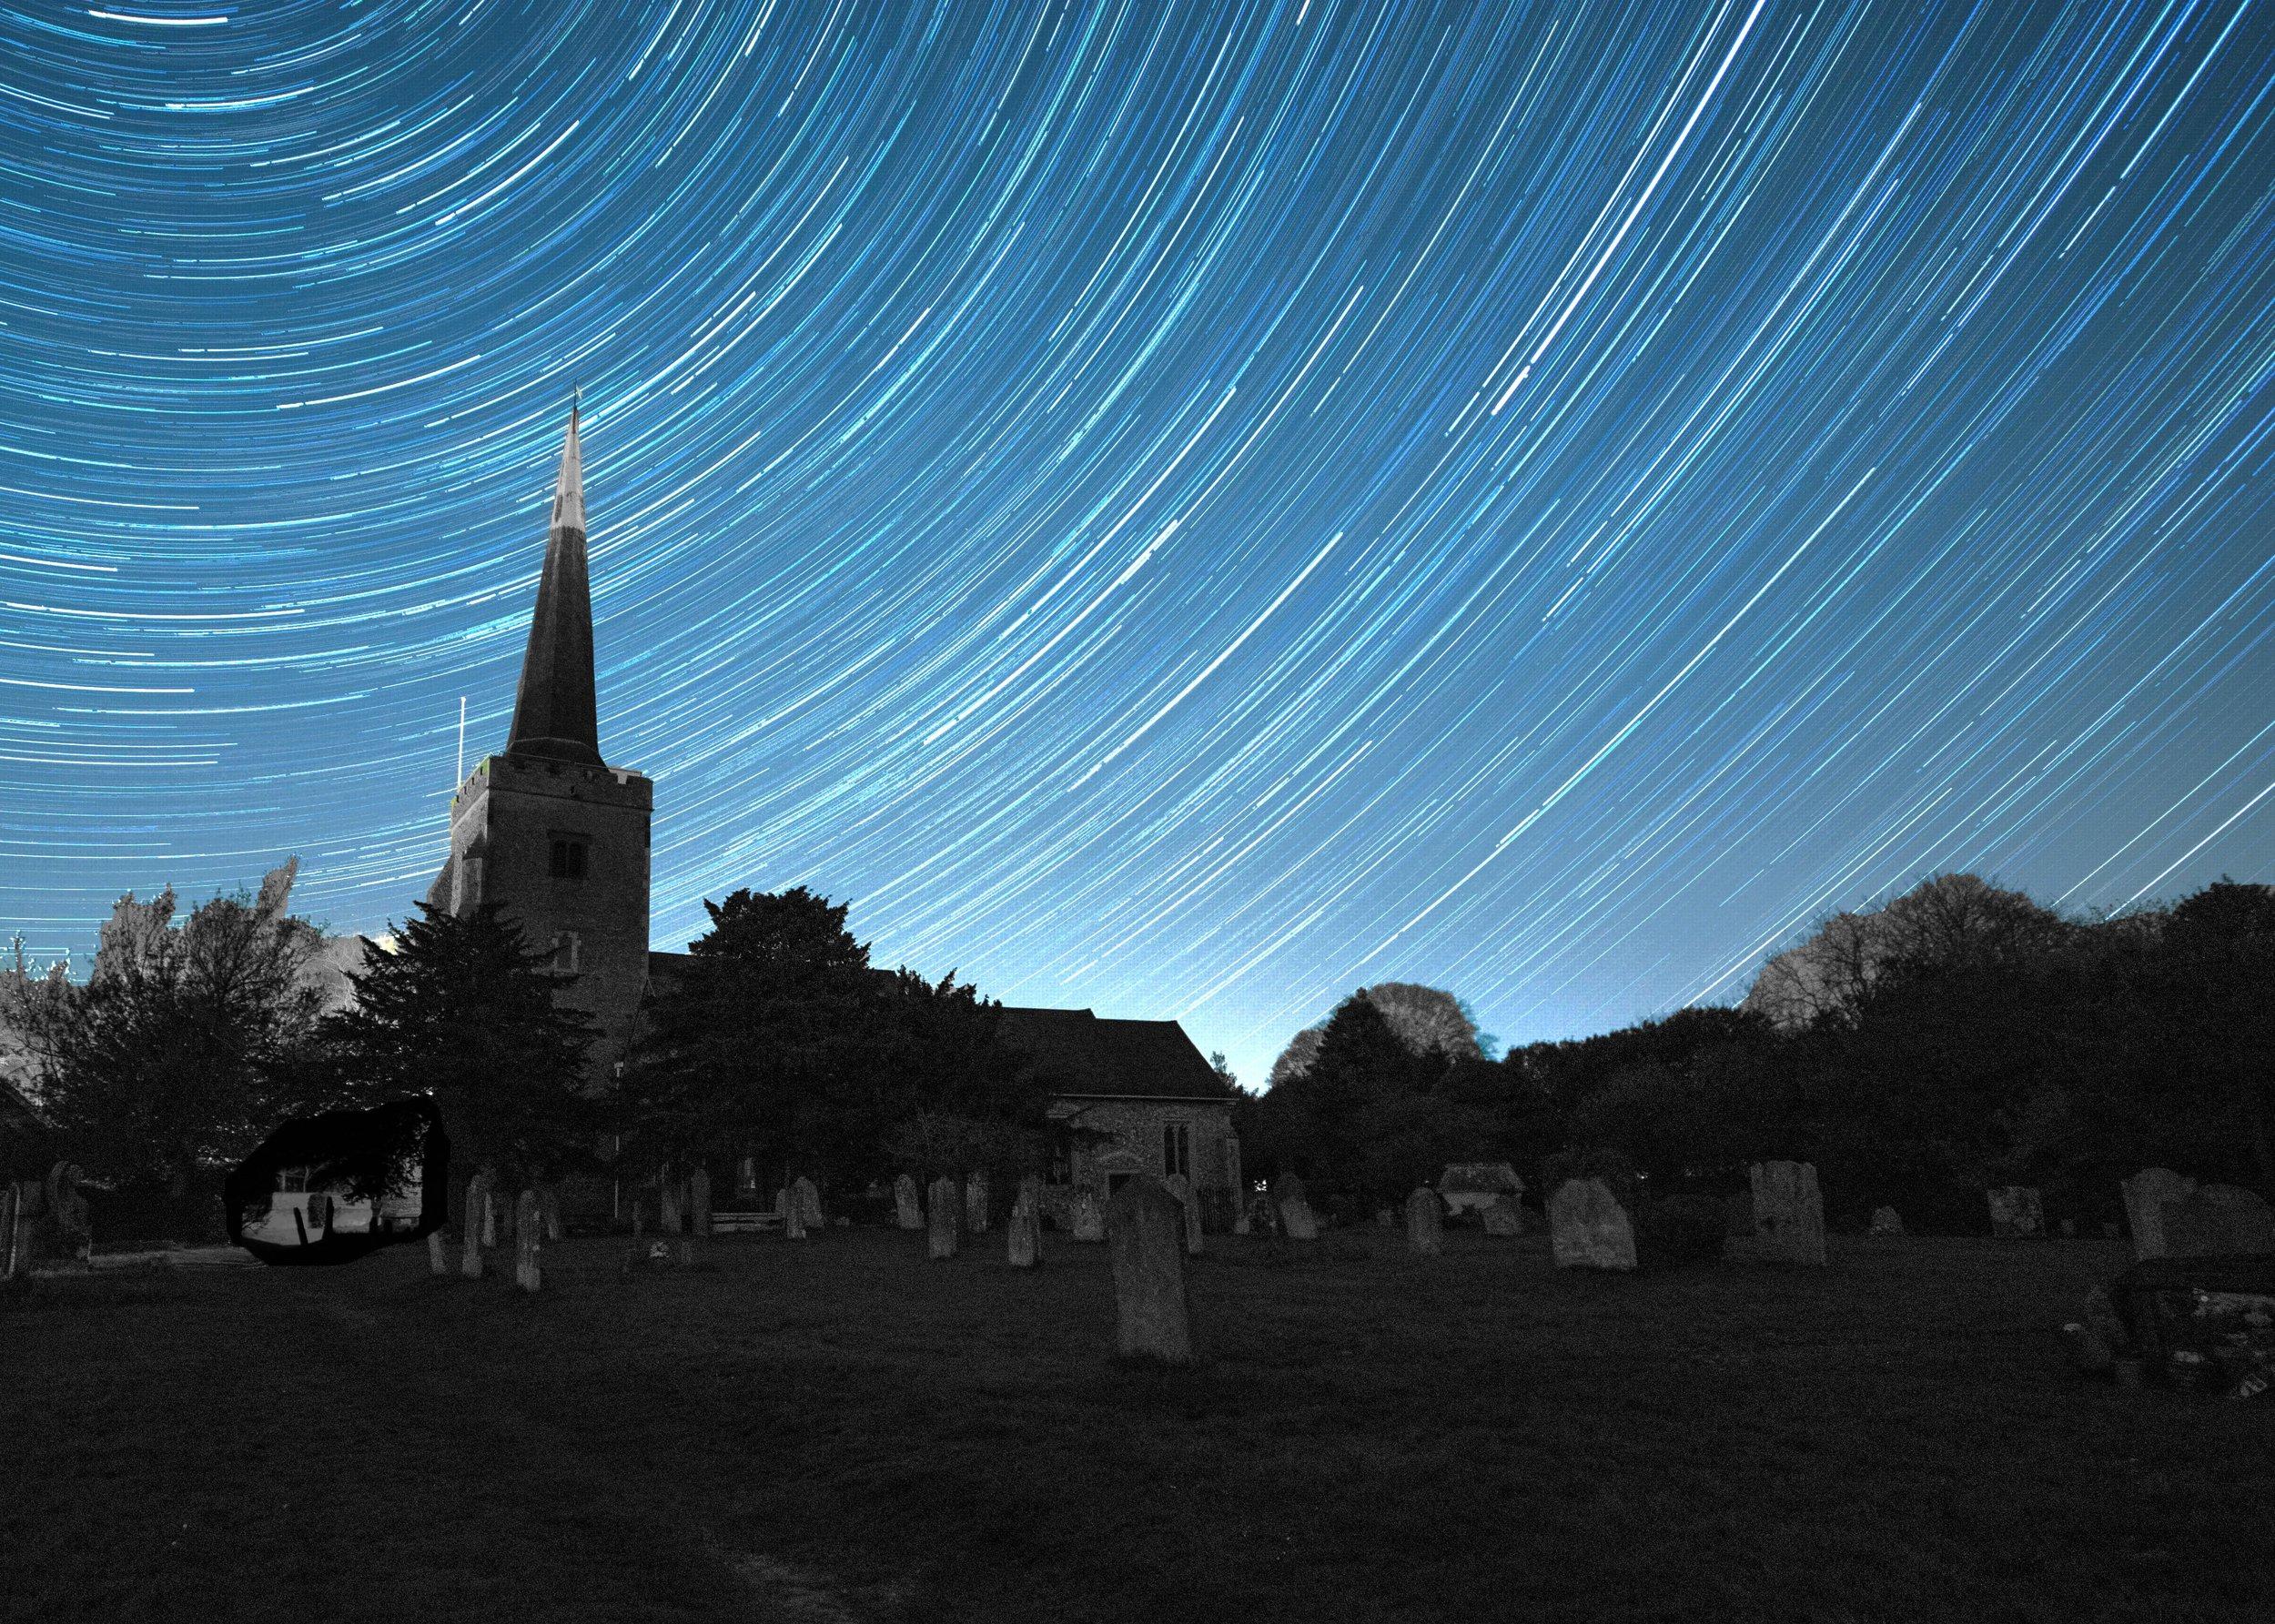 church star trail final B&W post card.jpg